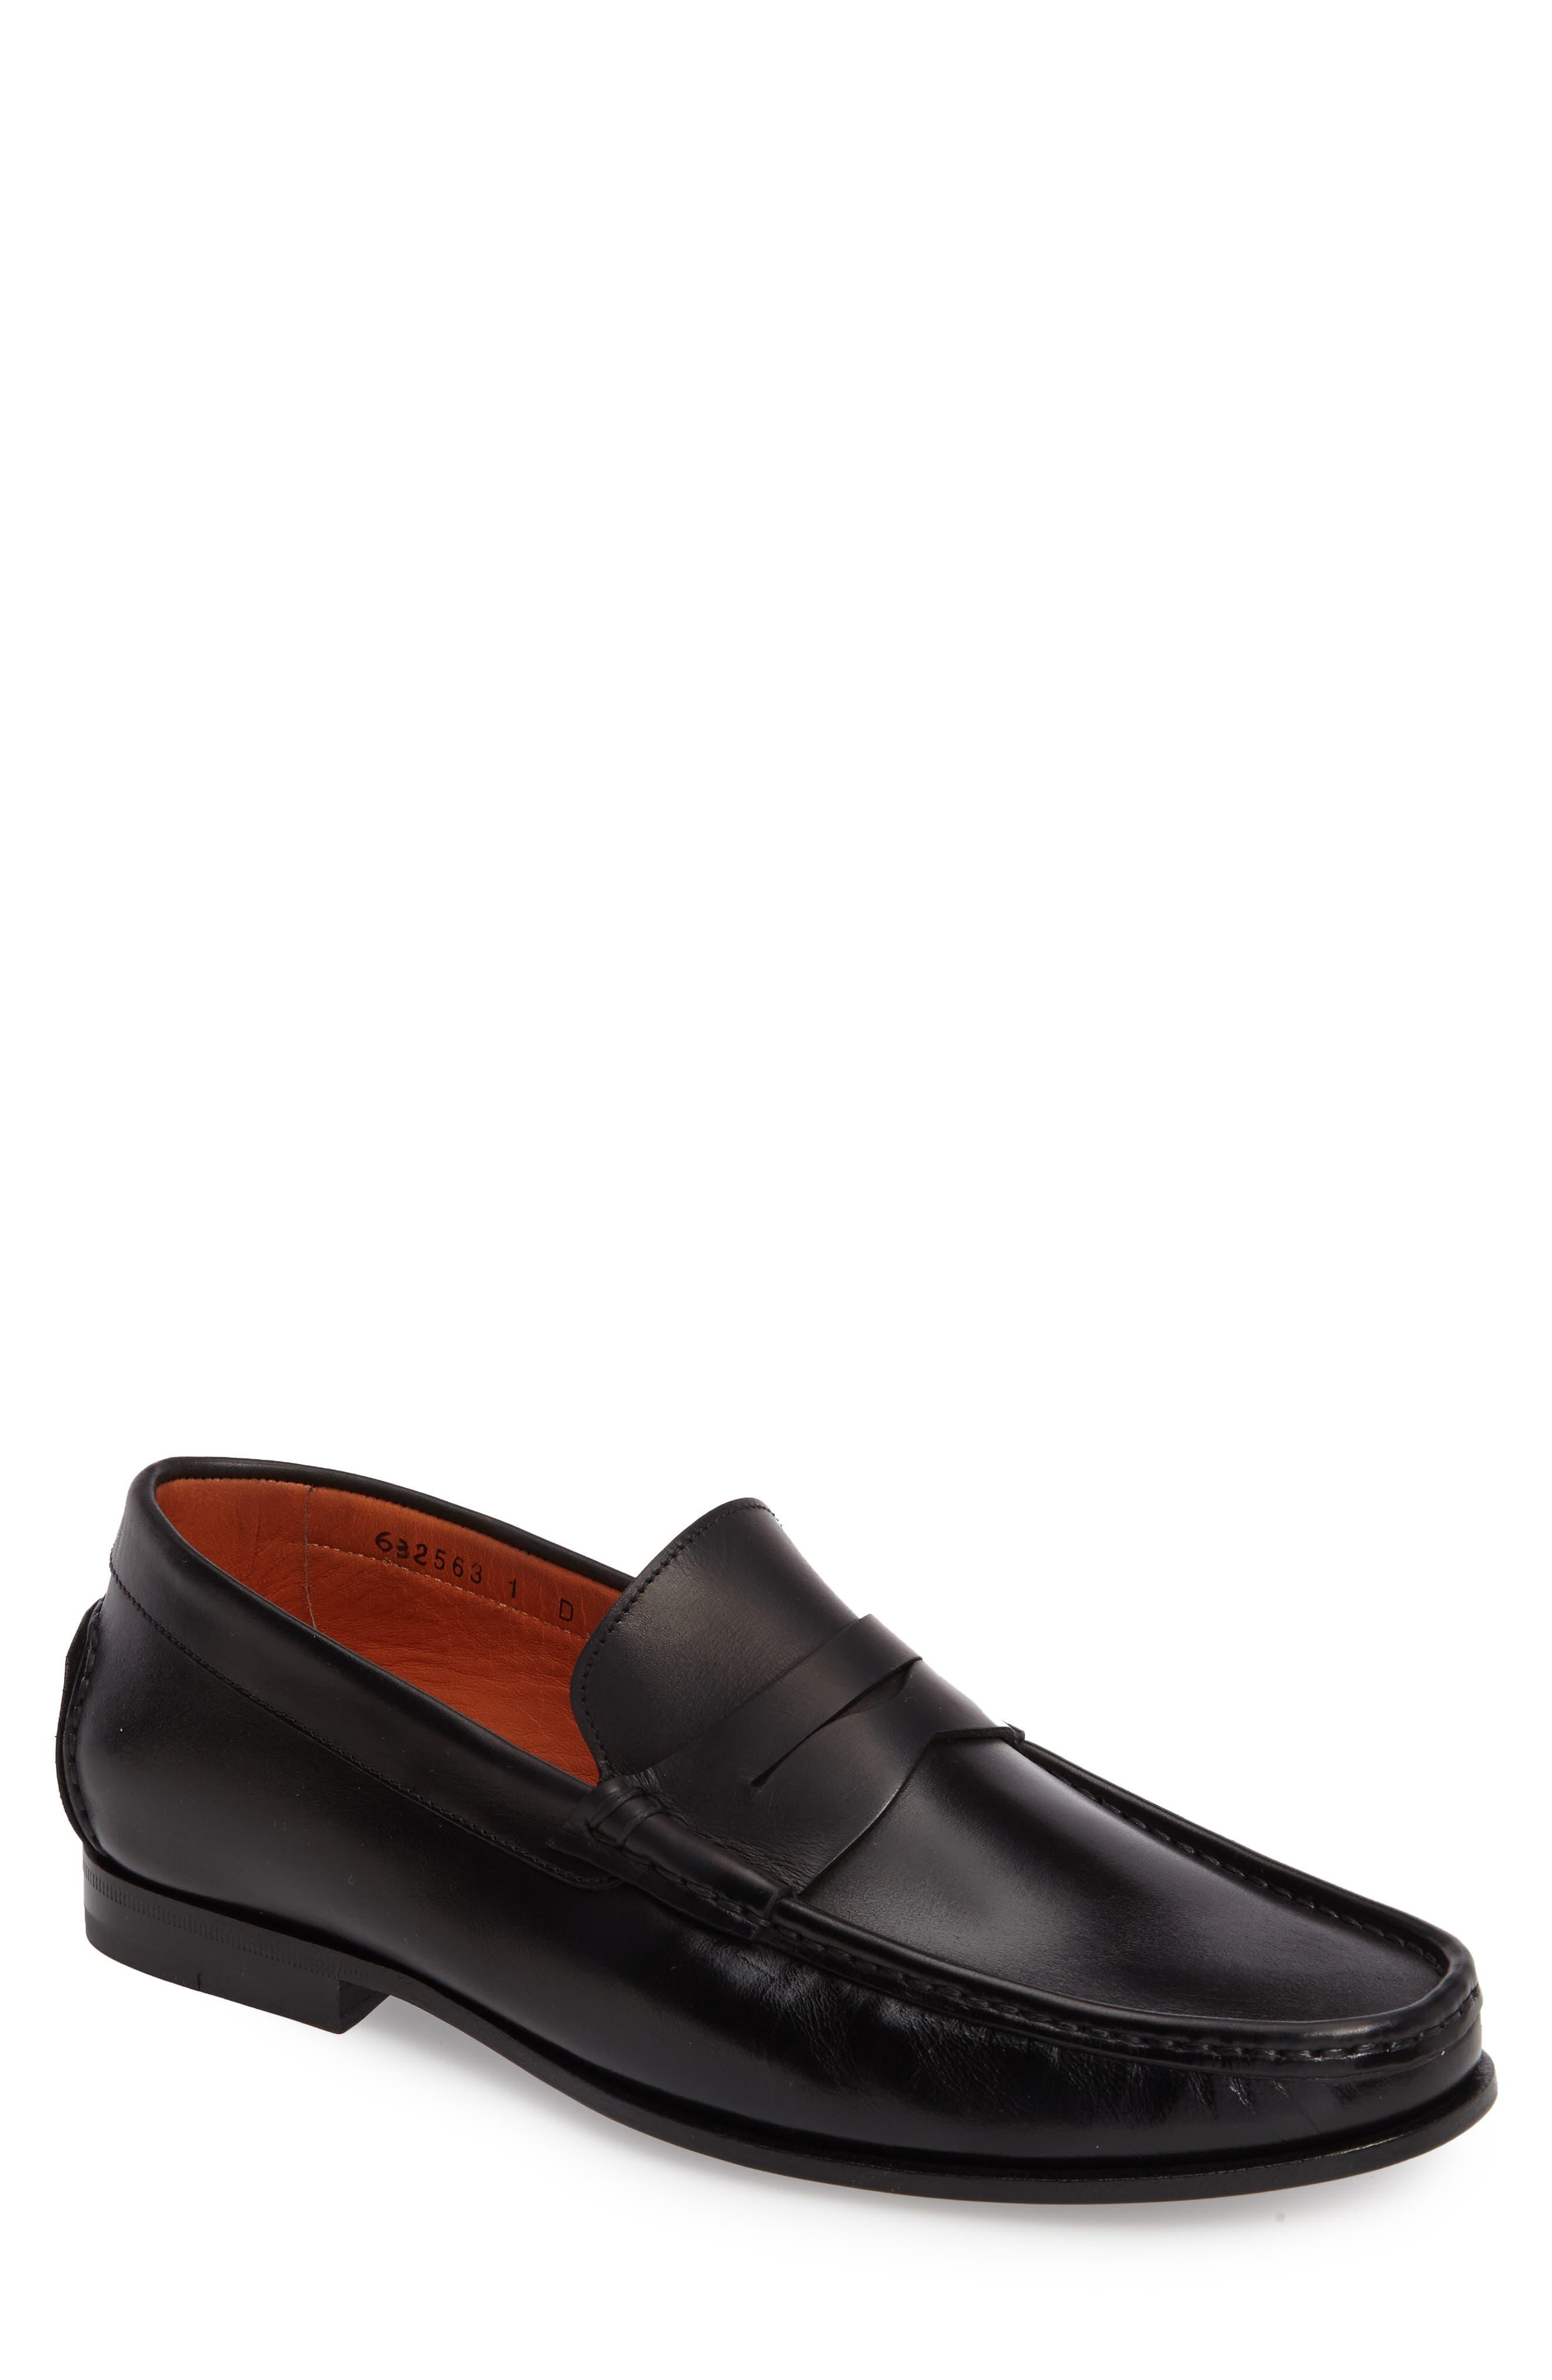 Trask  Fiske Shoes  Men's 70099